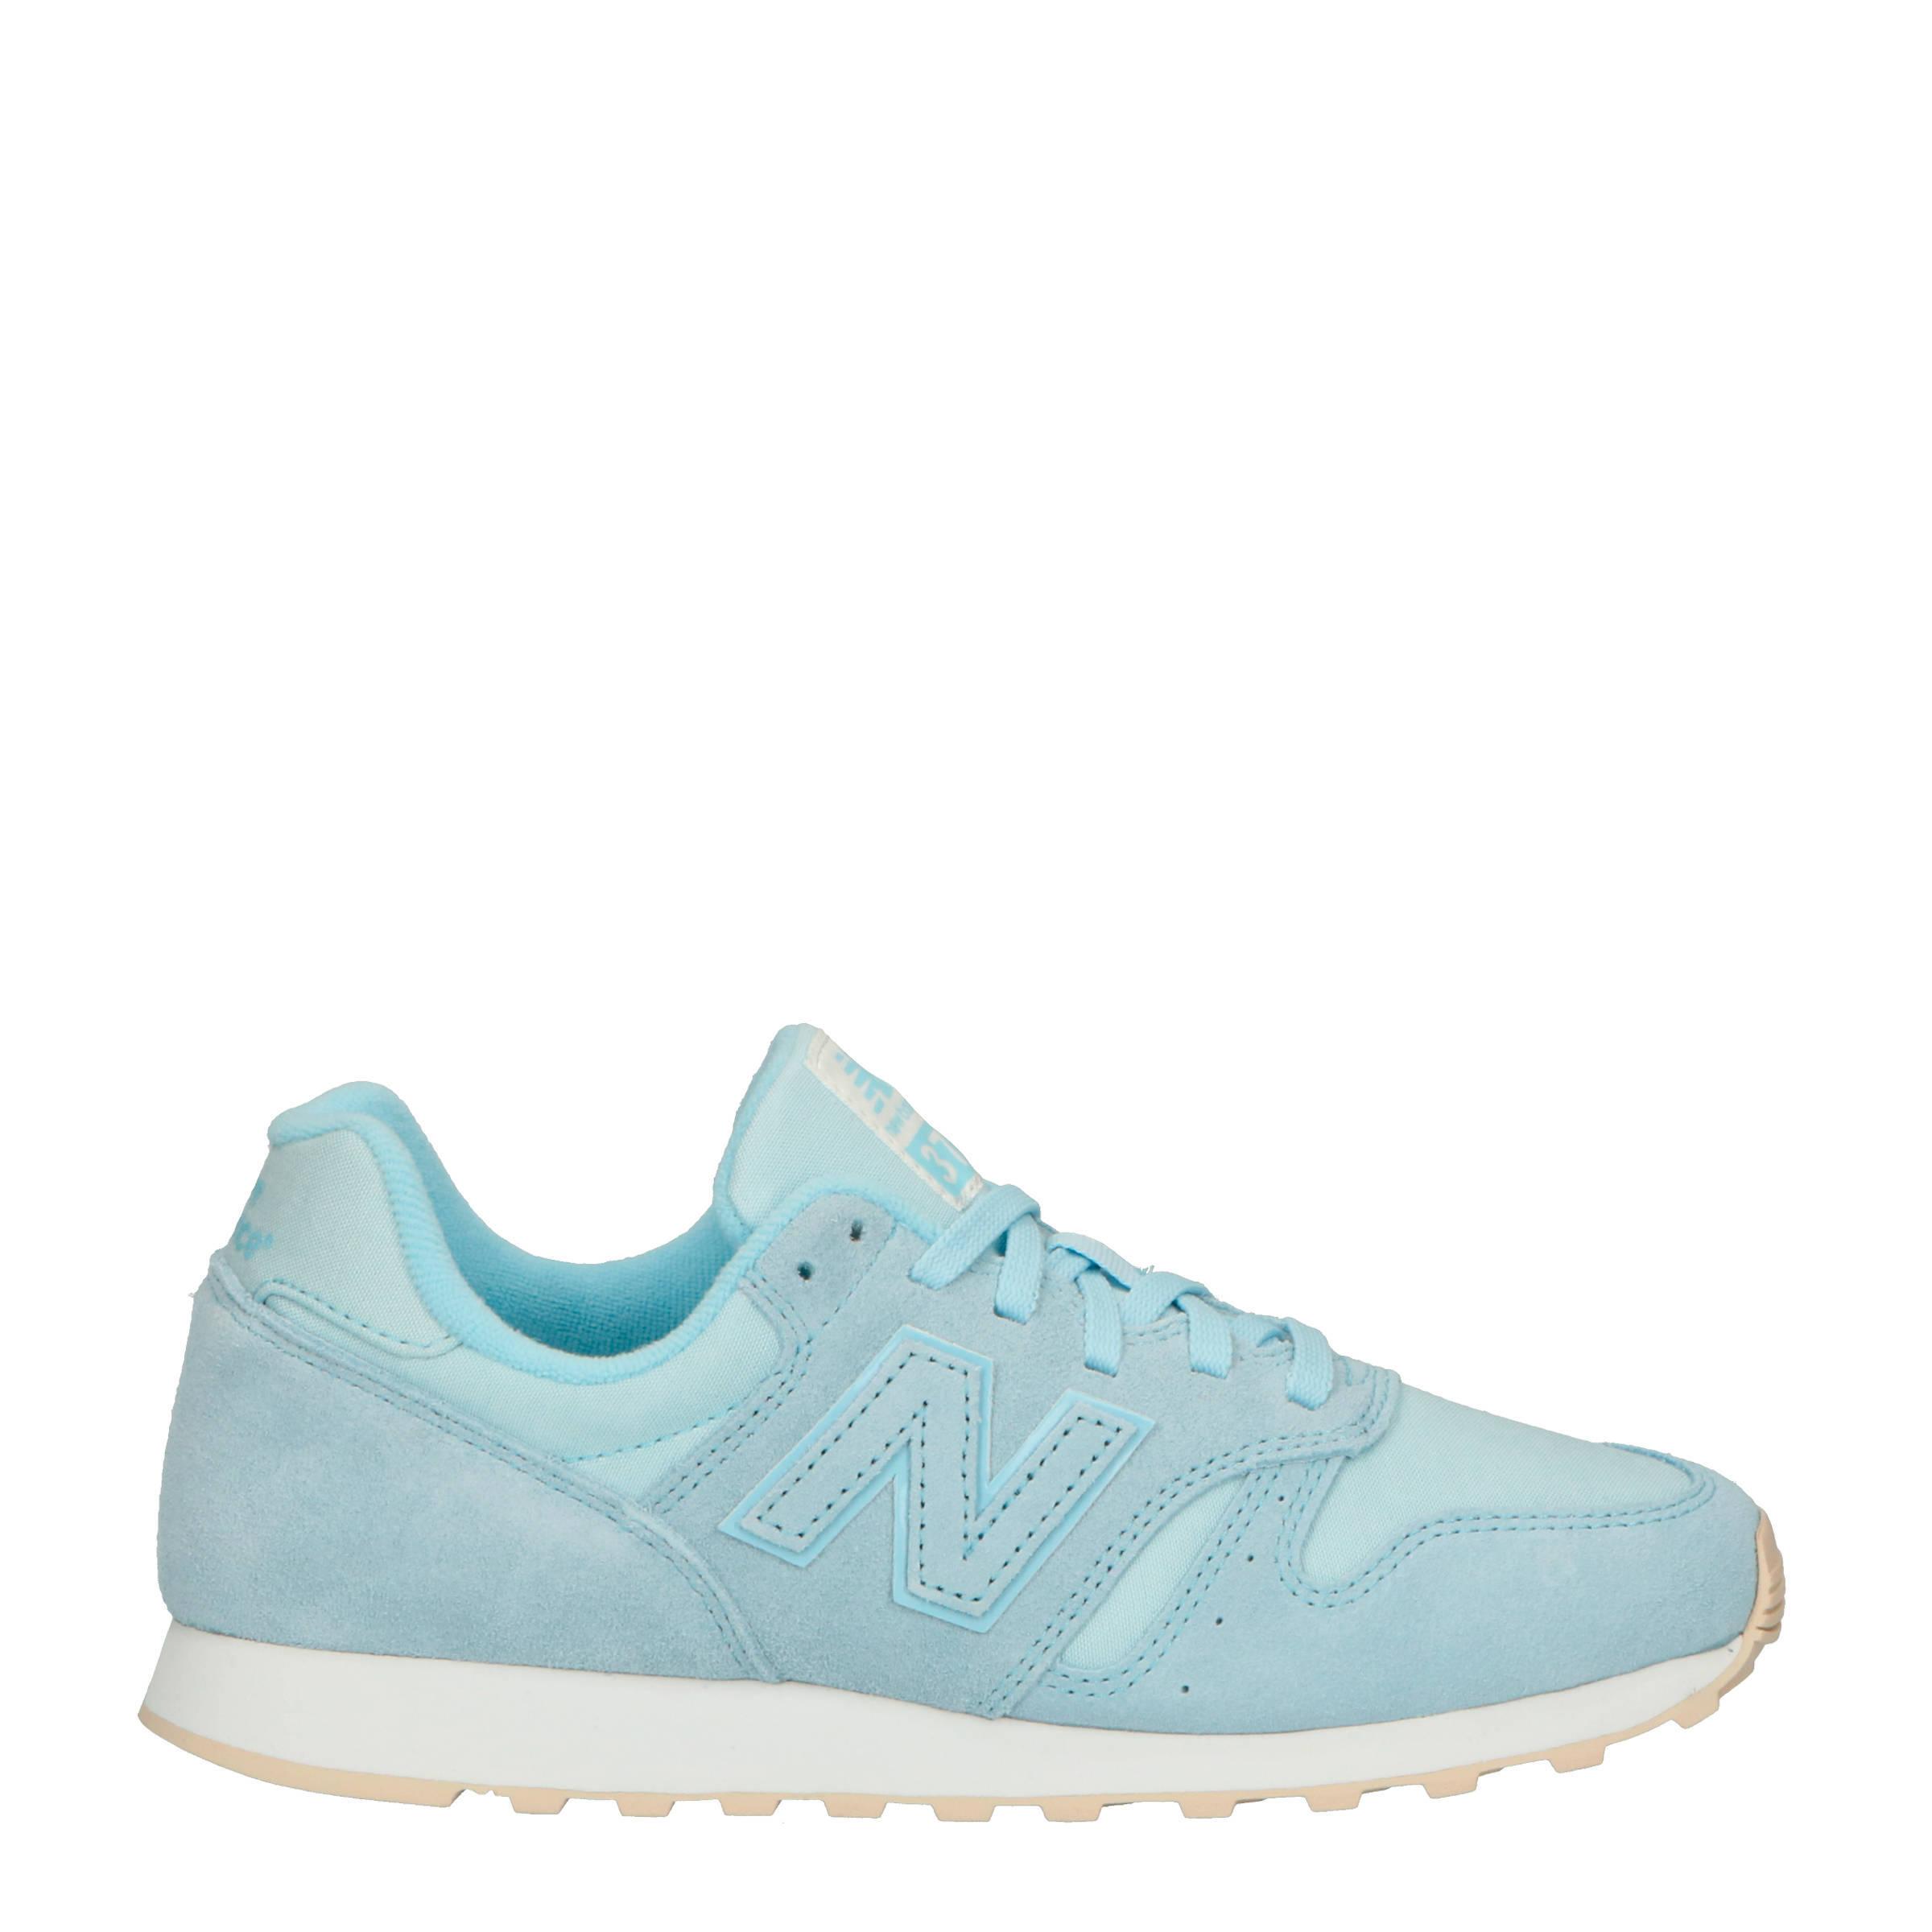 new balance wl373 lichtblauw